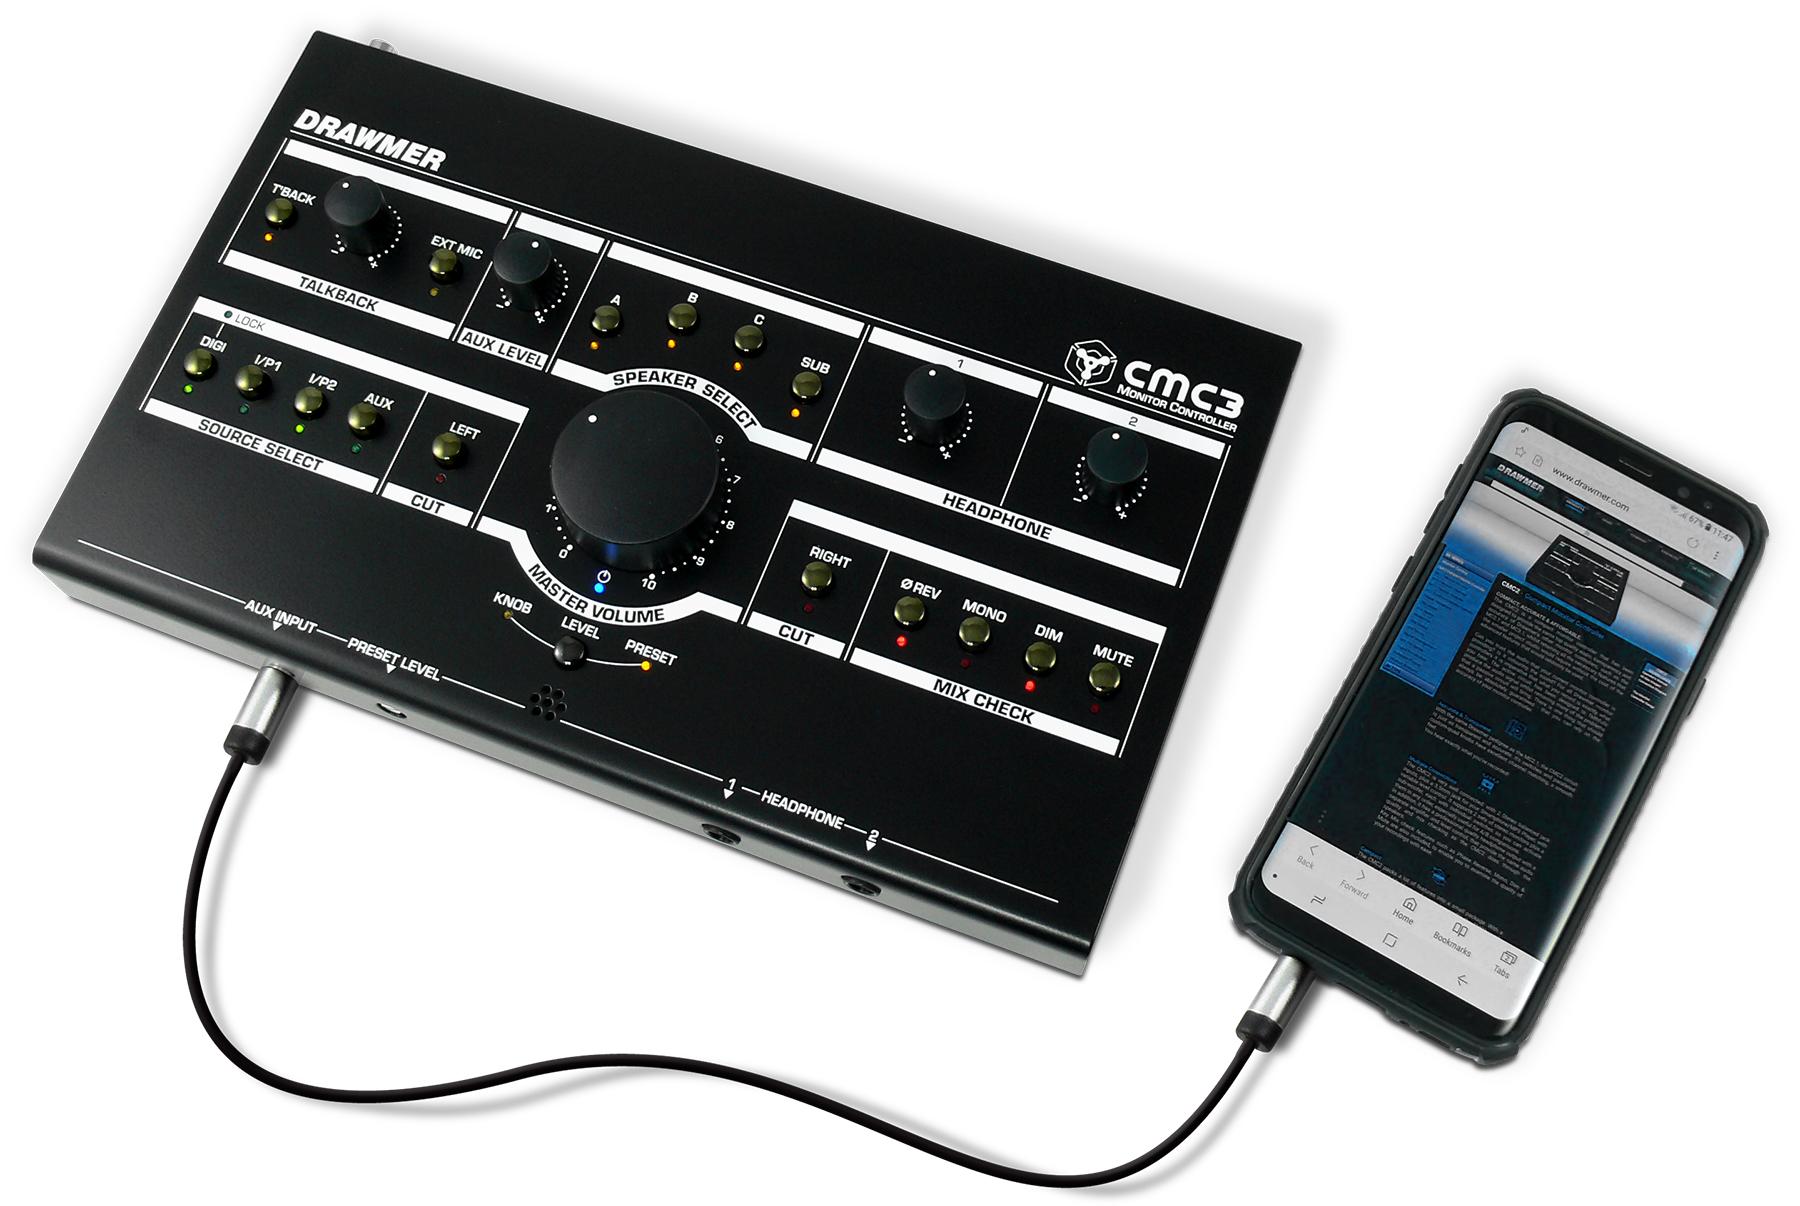 News: Monitor-Controller CMC3 und CMC7 von Drawmer